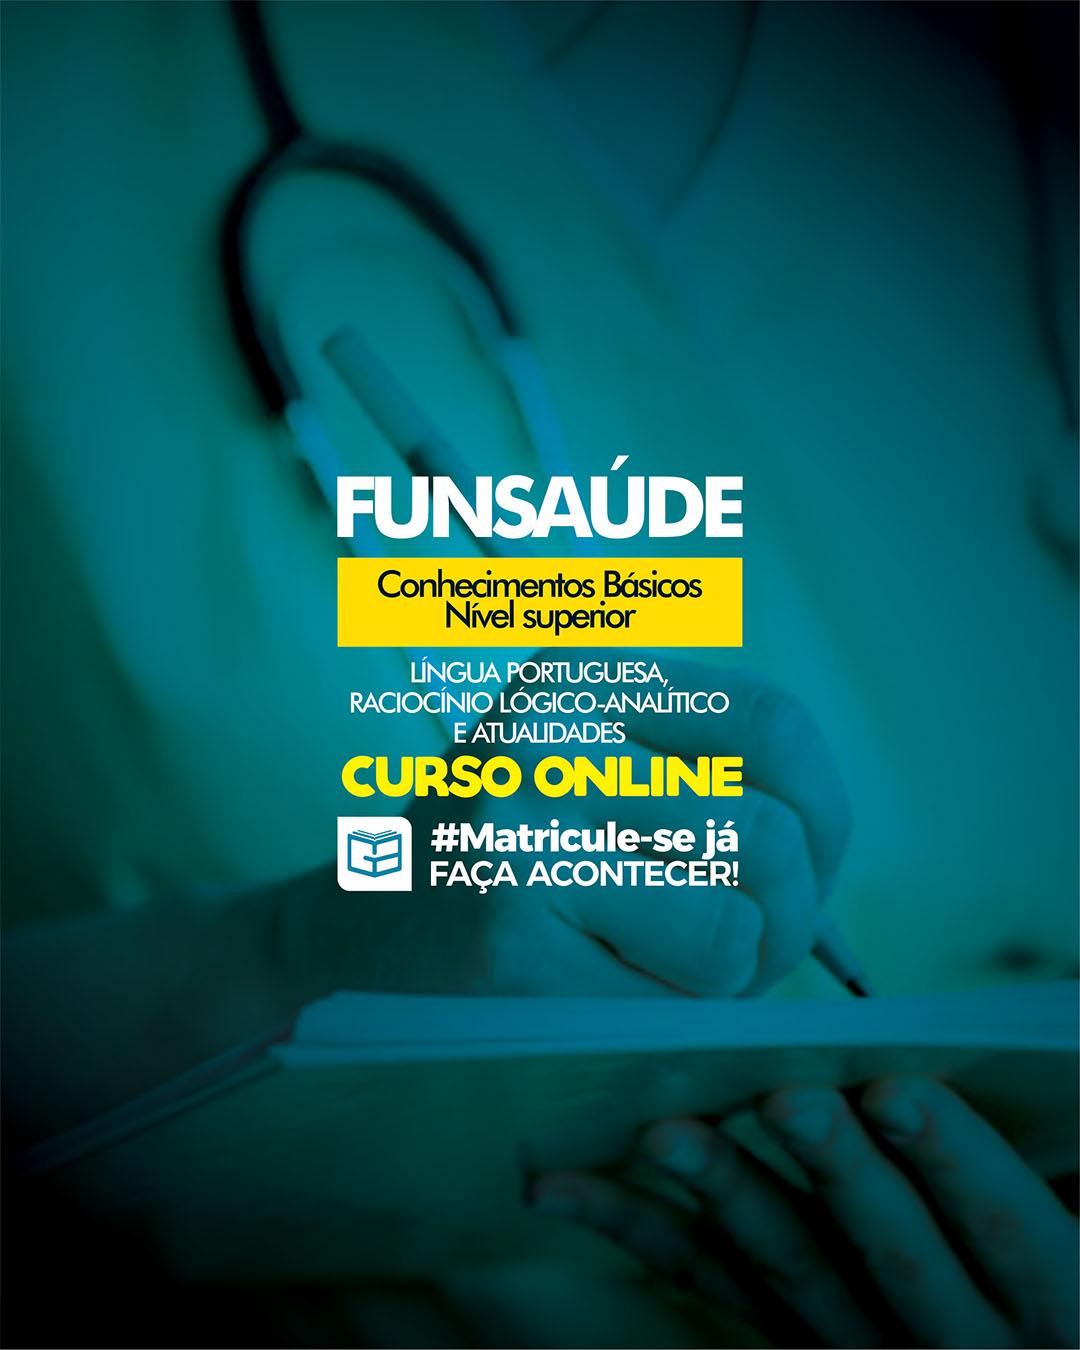 CURSO FUNSAÚDE - CONHECIMENTOS BÁSICOS